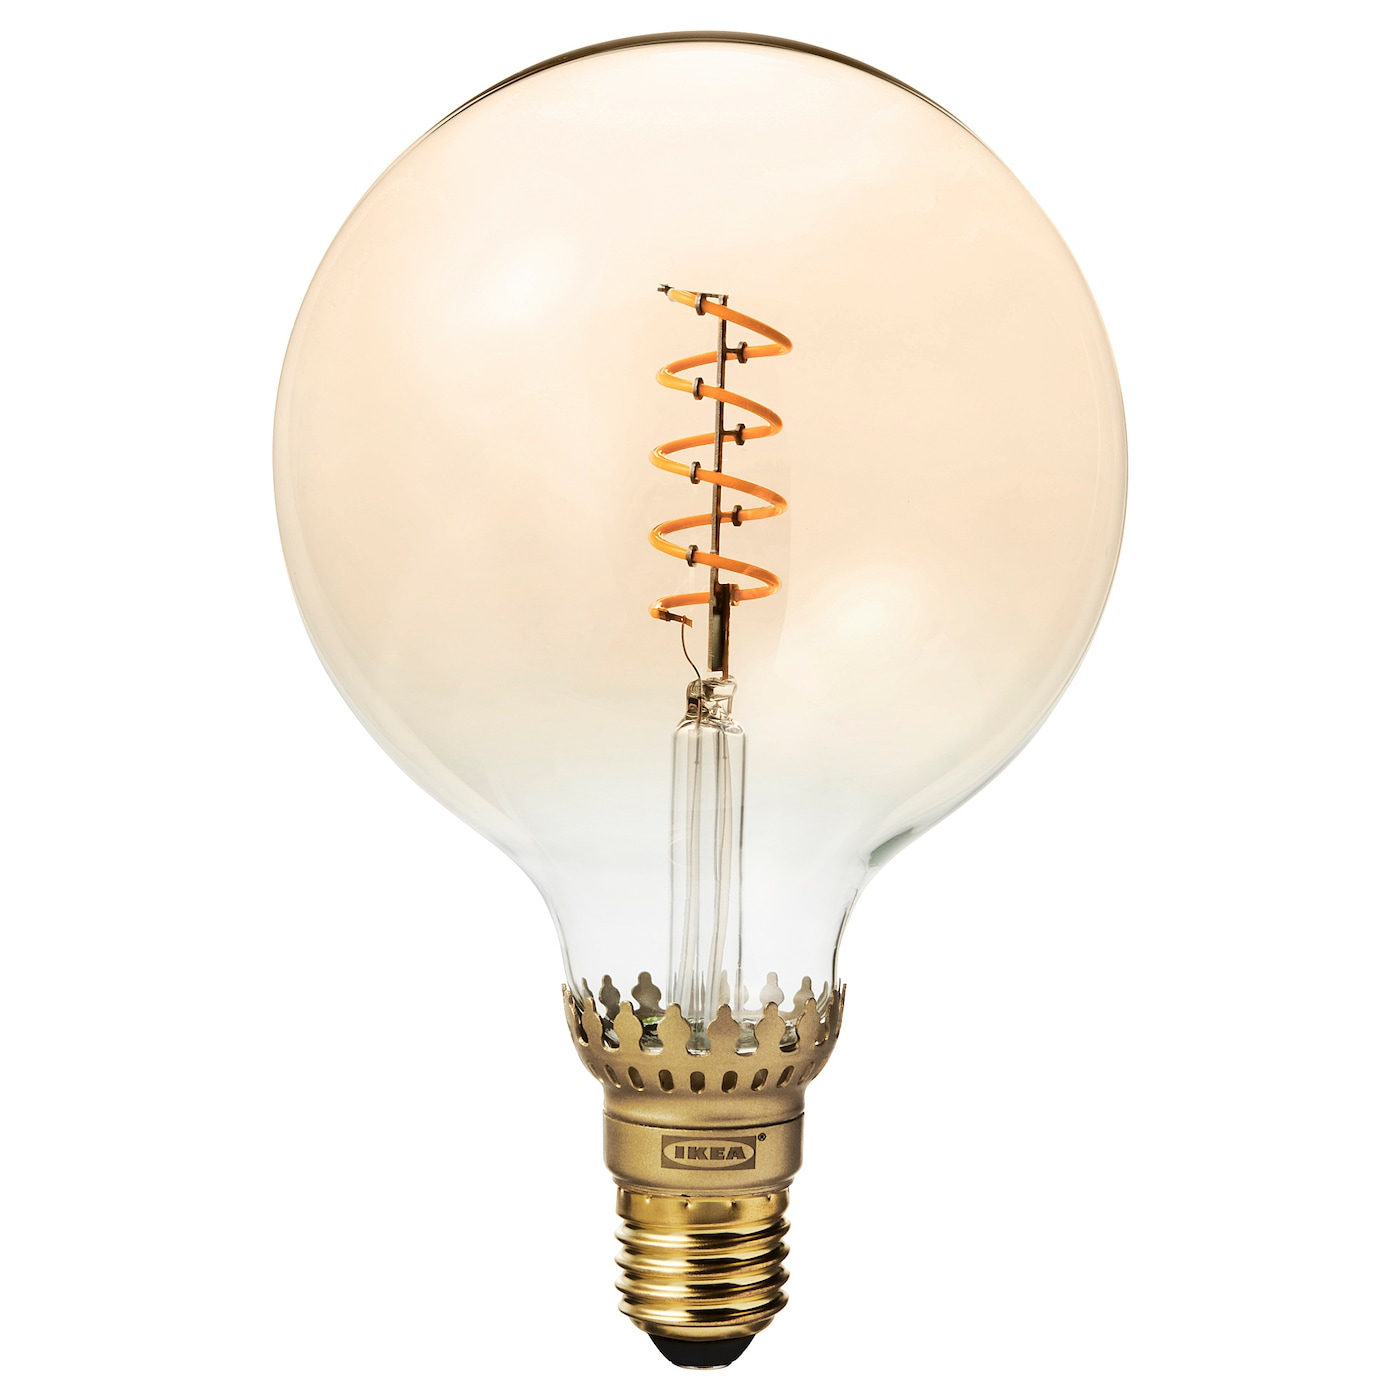 ROLLSBO ロルスボ LED電球 E26 300ルーメン